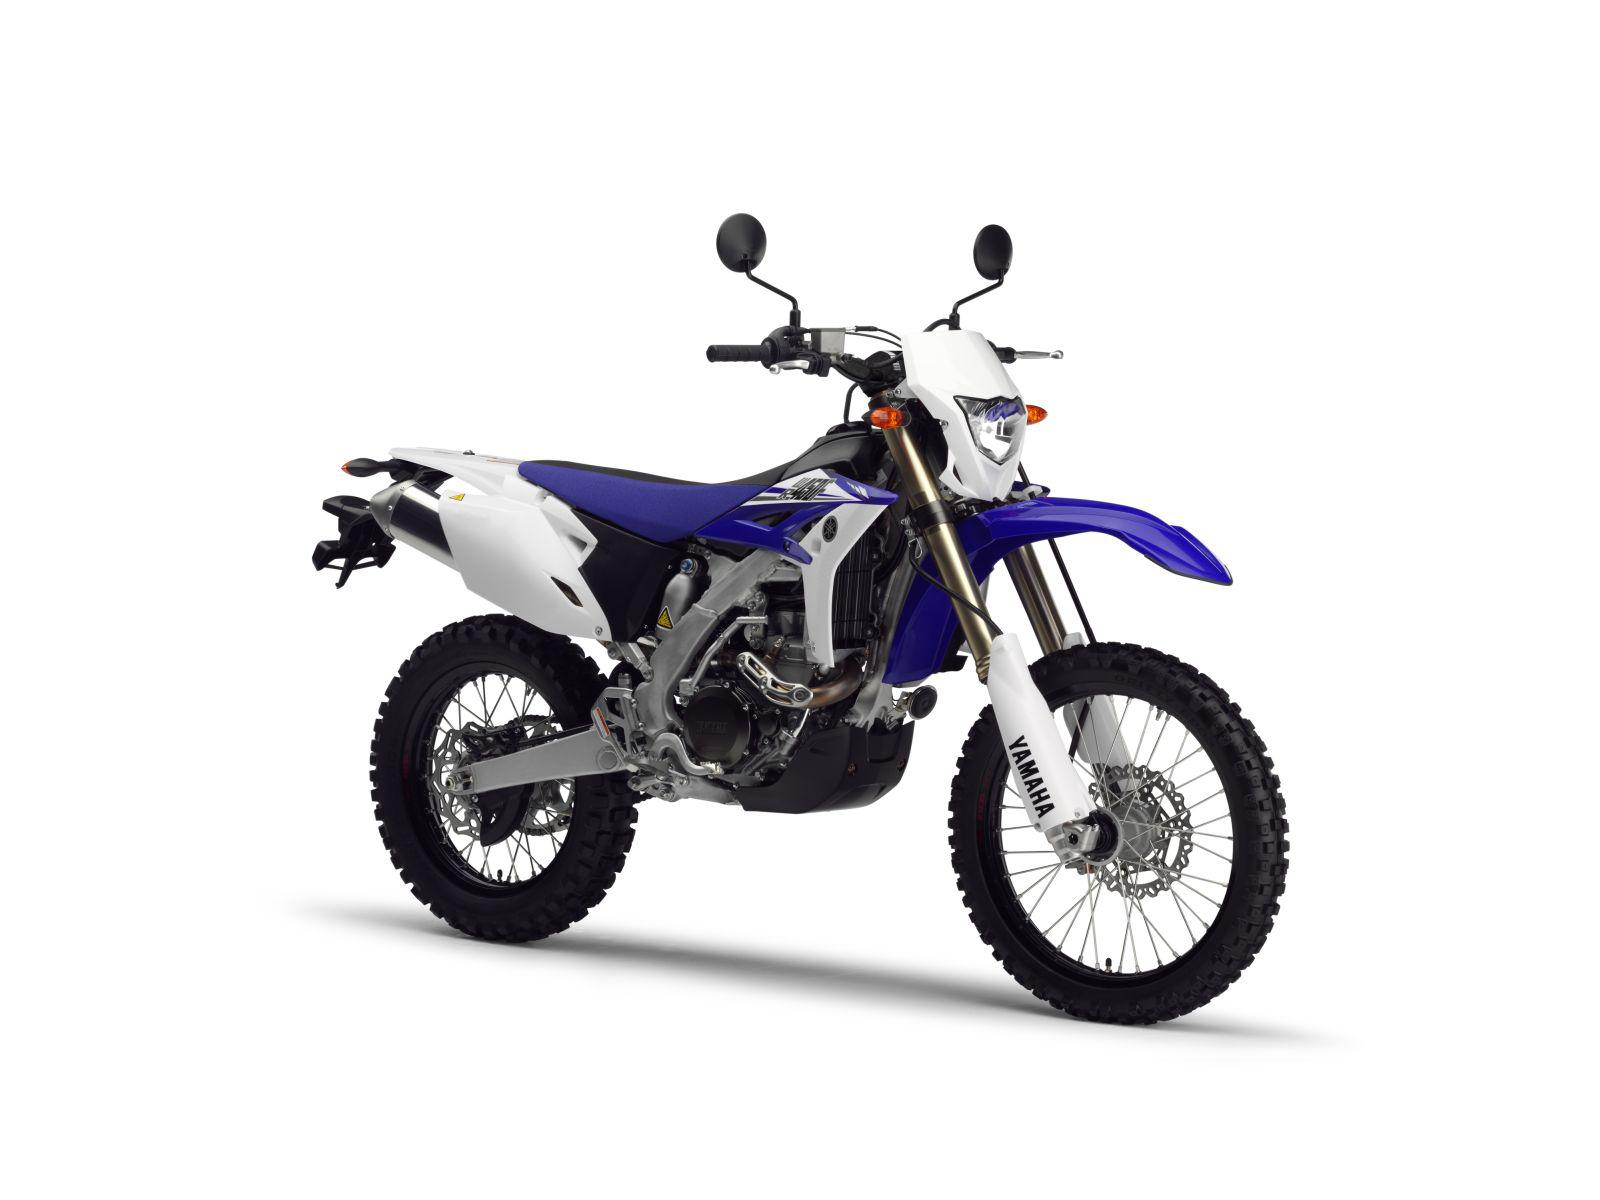 yamaha motocross 2015 motorrad fotos motorrad bilder. Black Bedroom Furniture Sets. Home Design Ideas